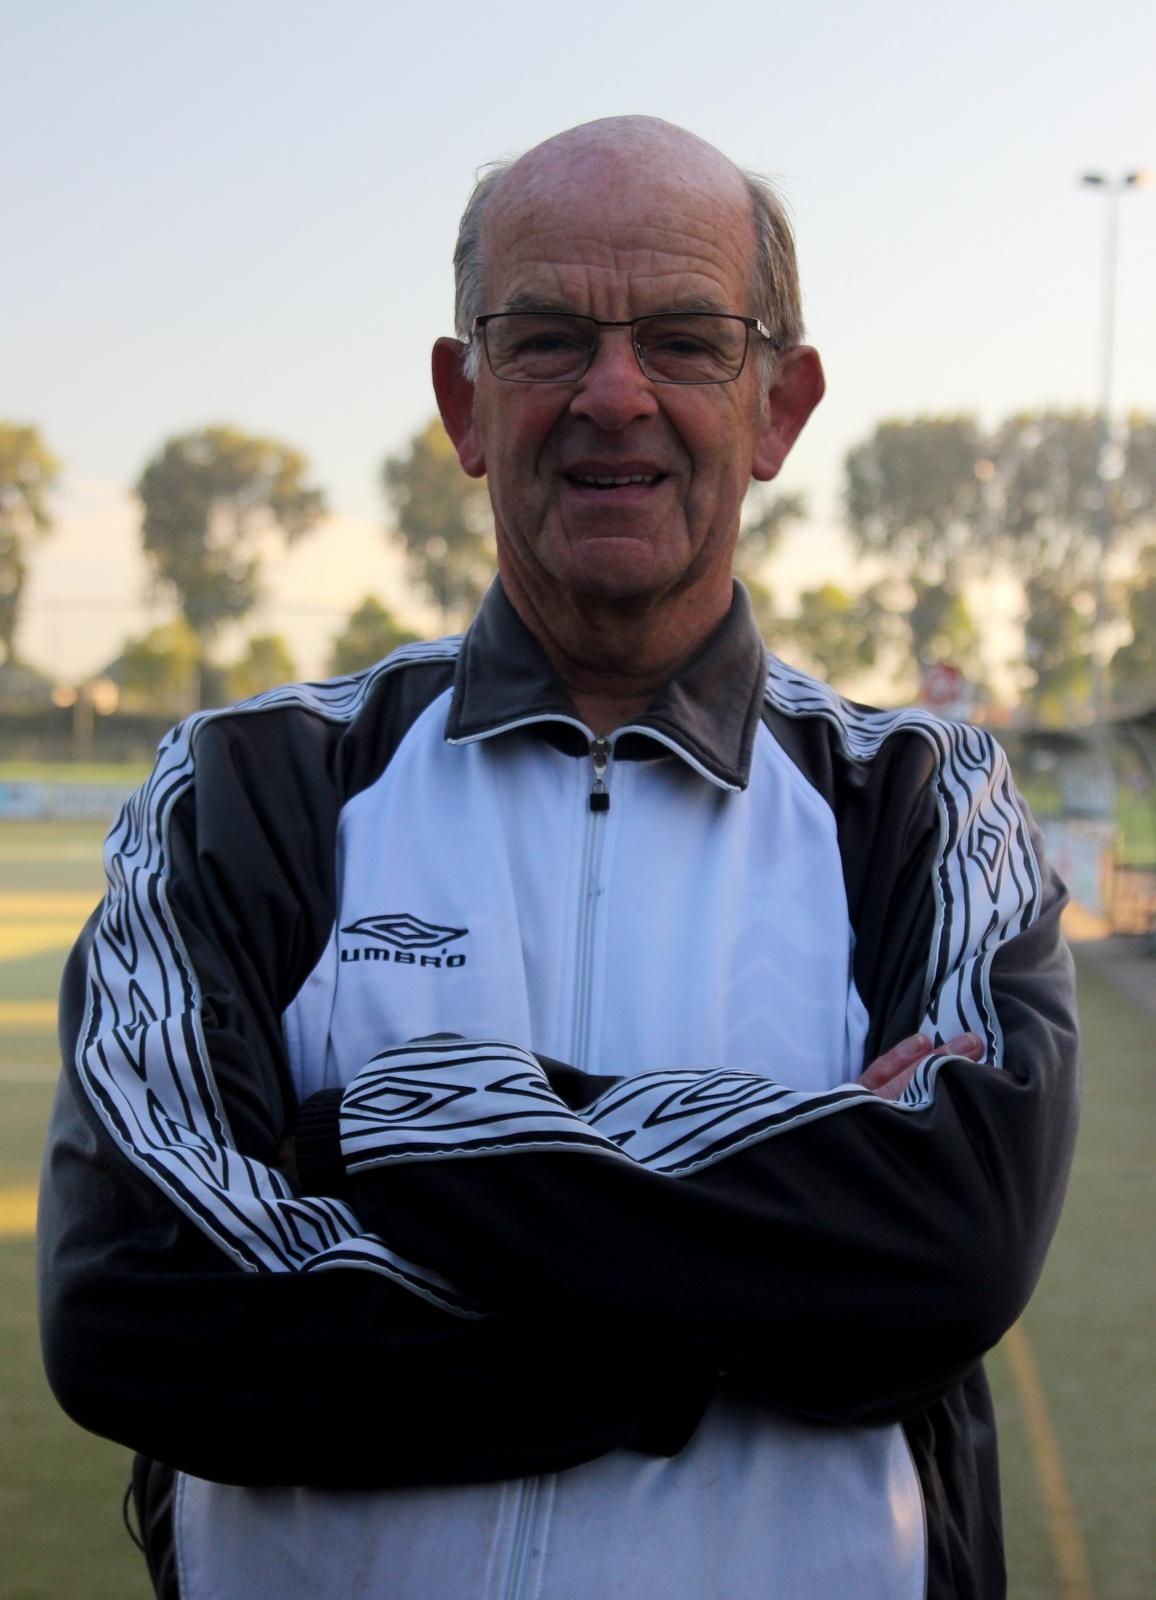 Piet Lagerwaard